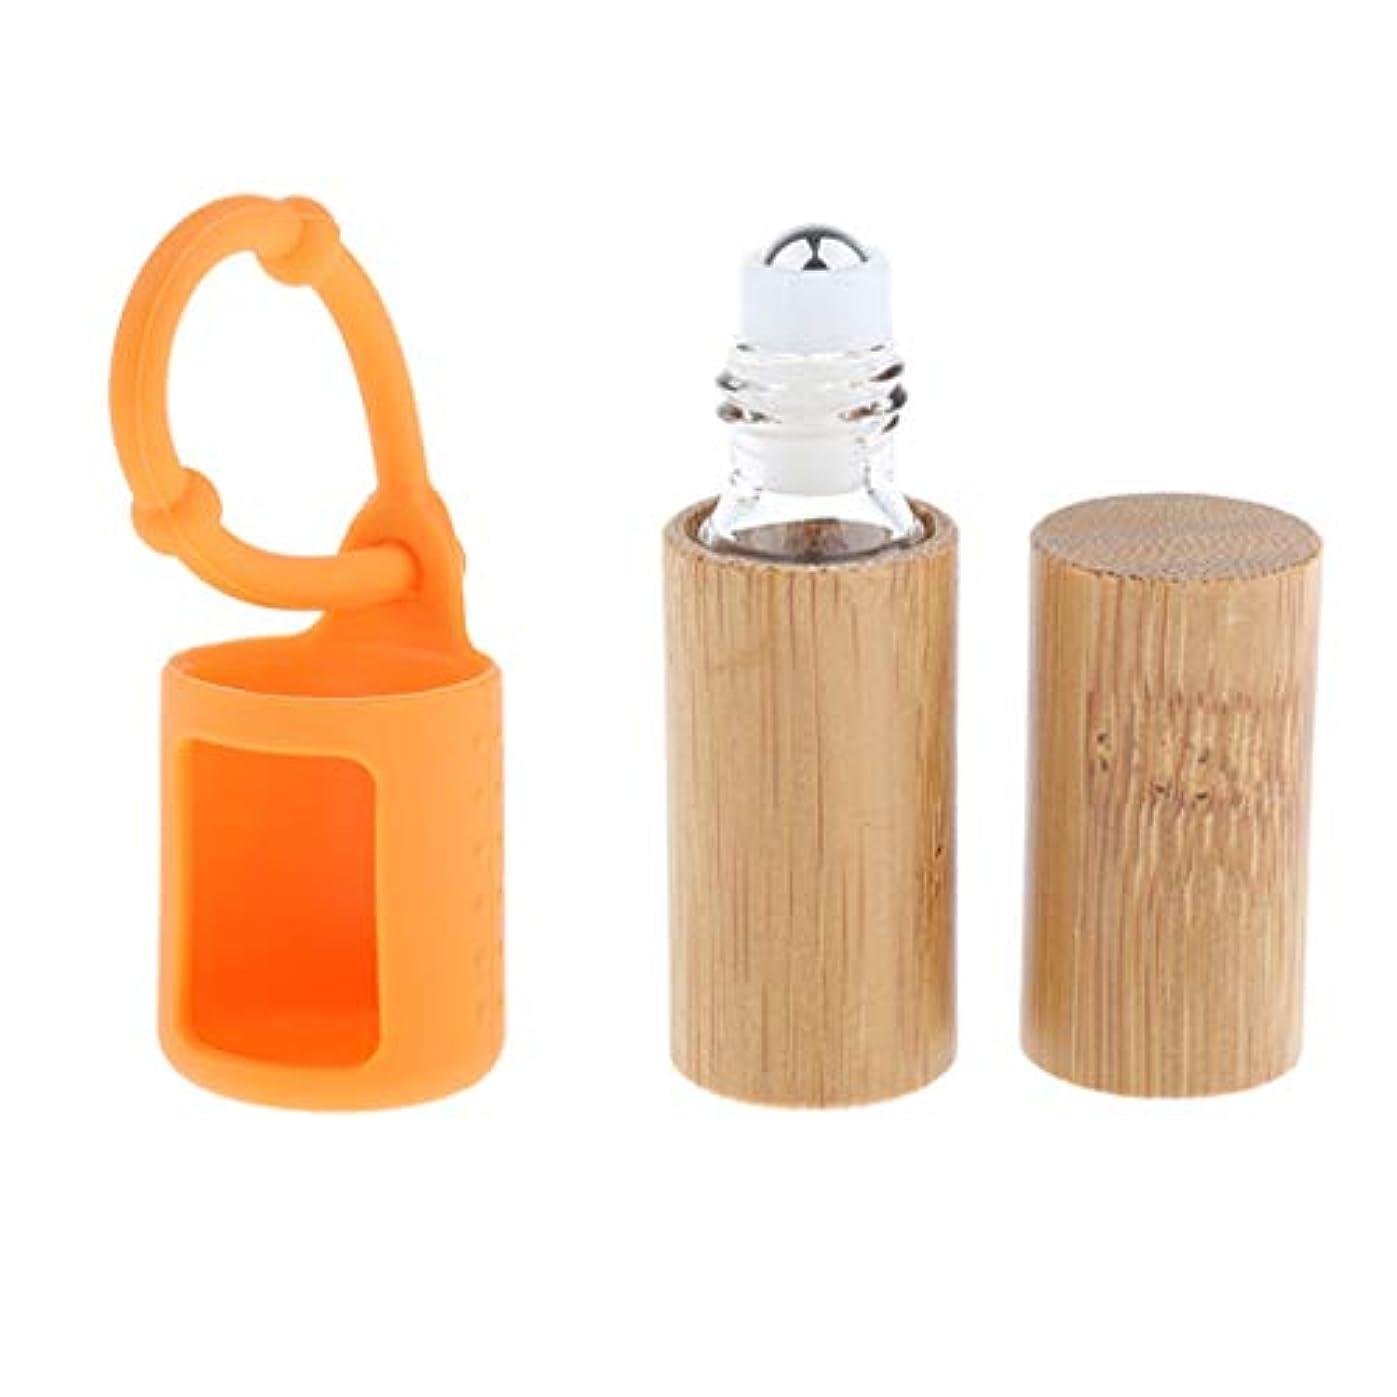 助けて機械的に志す竹ボトル エッセンシャルオイル 香水 オイル 精油瓶 詰め替え 5ミリ 吊り掛けバッグ付